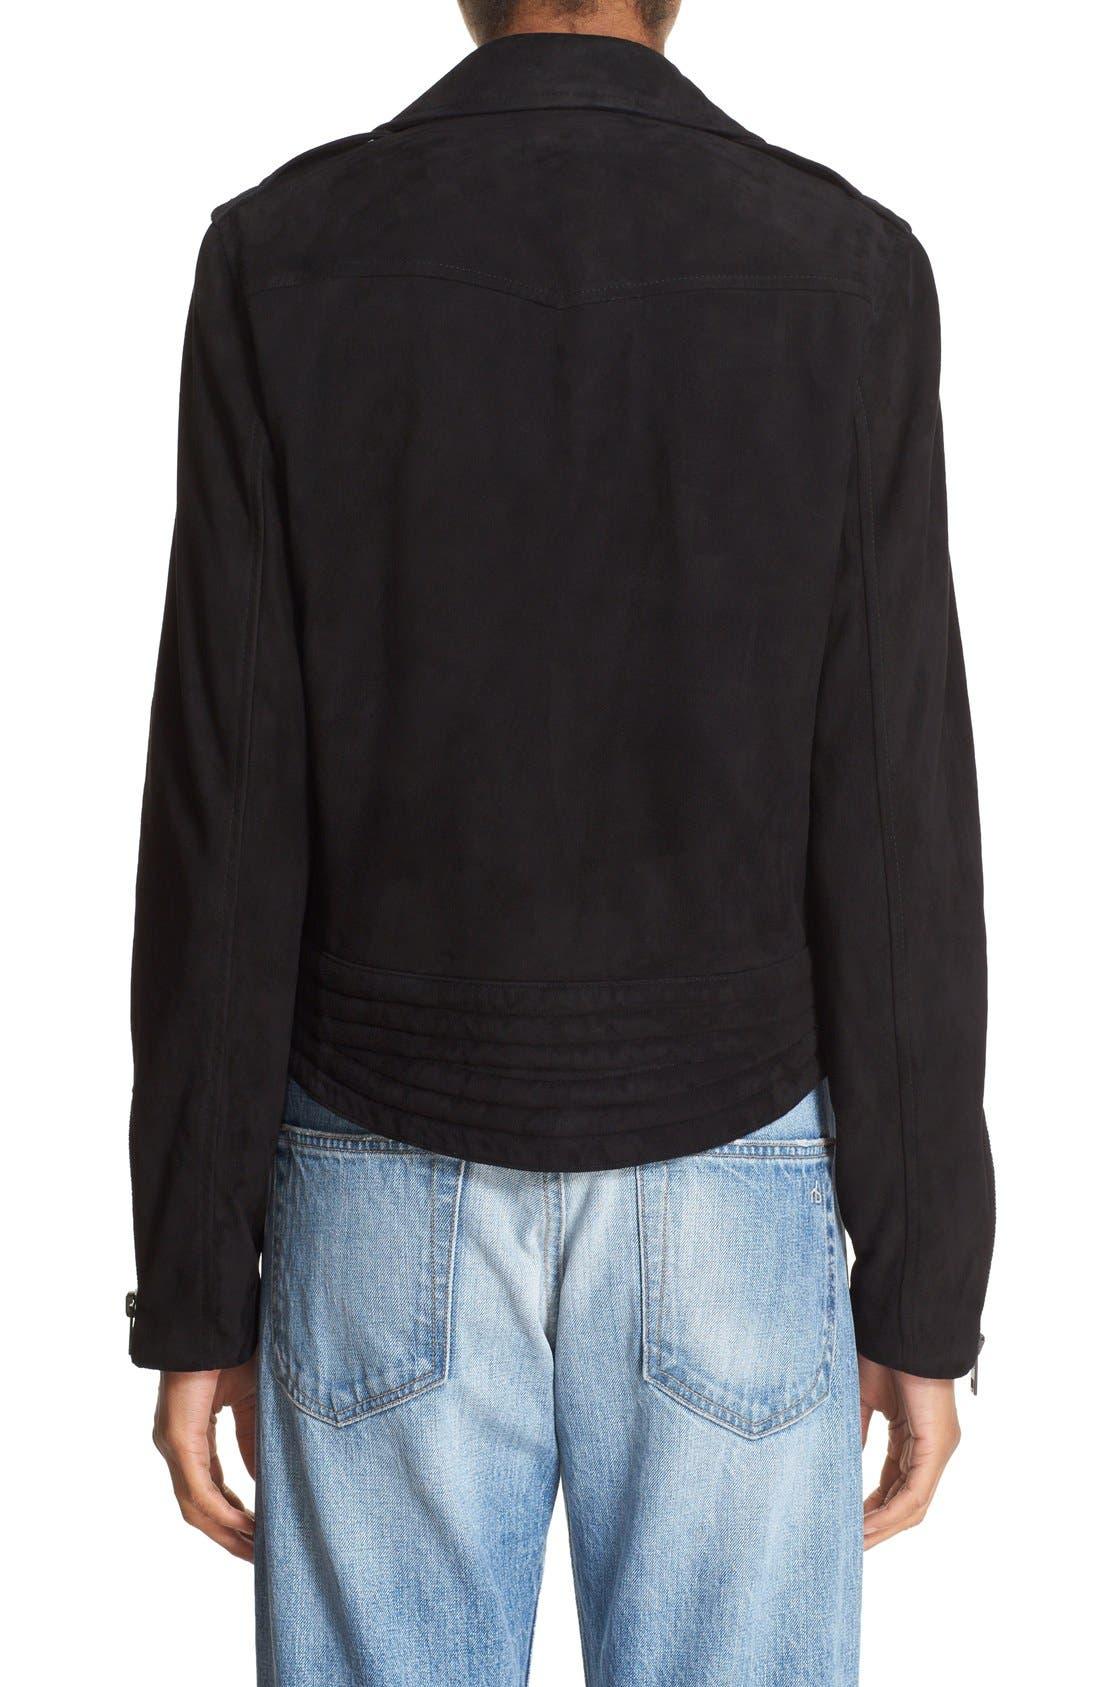 Alternate Image 2  - rag & bone/JEAN 'Mercer' Suede Jacket